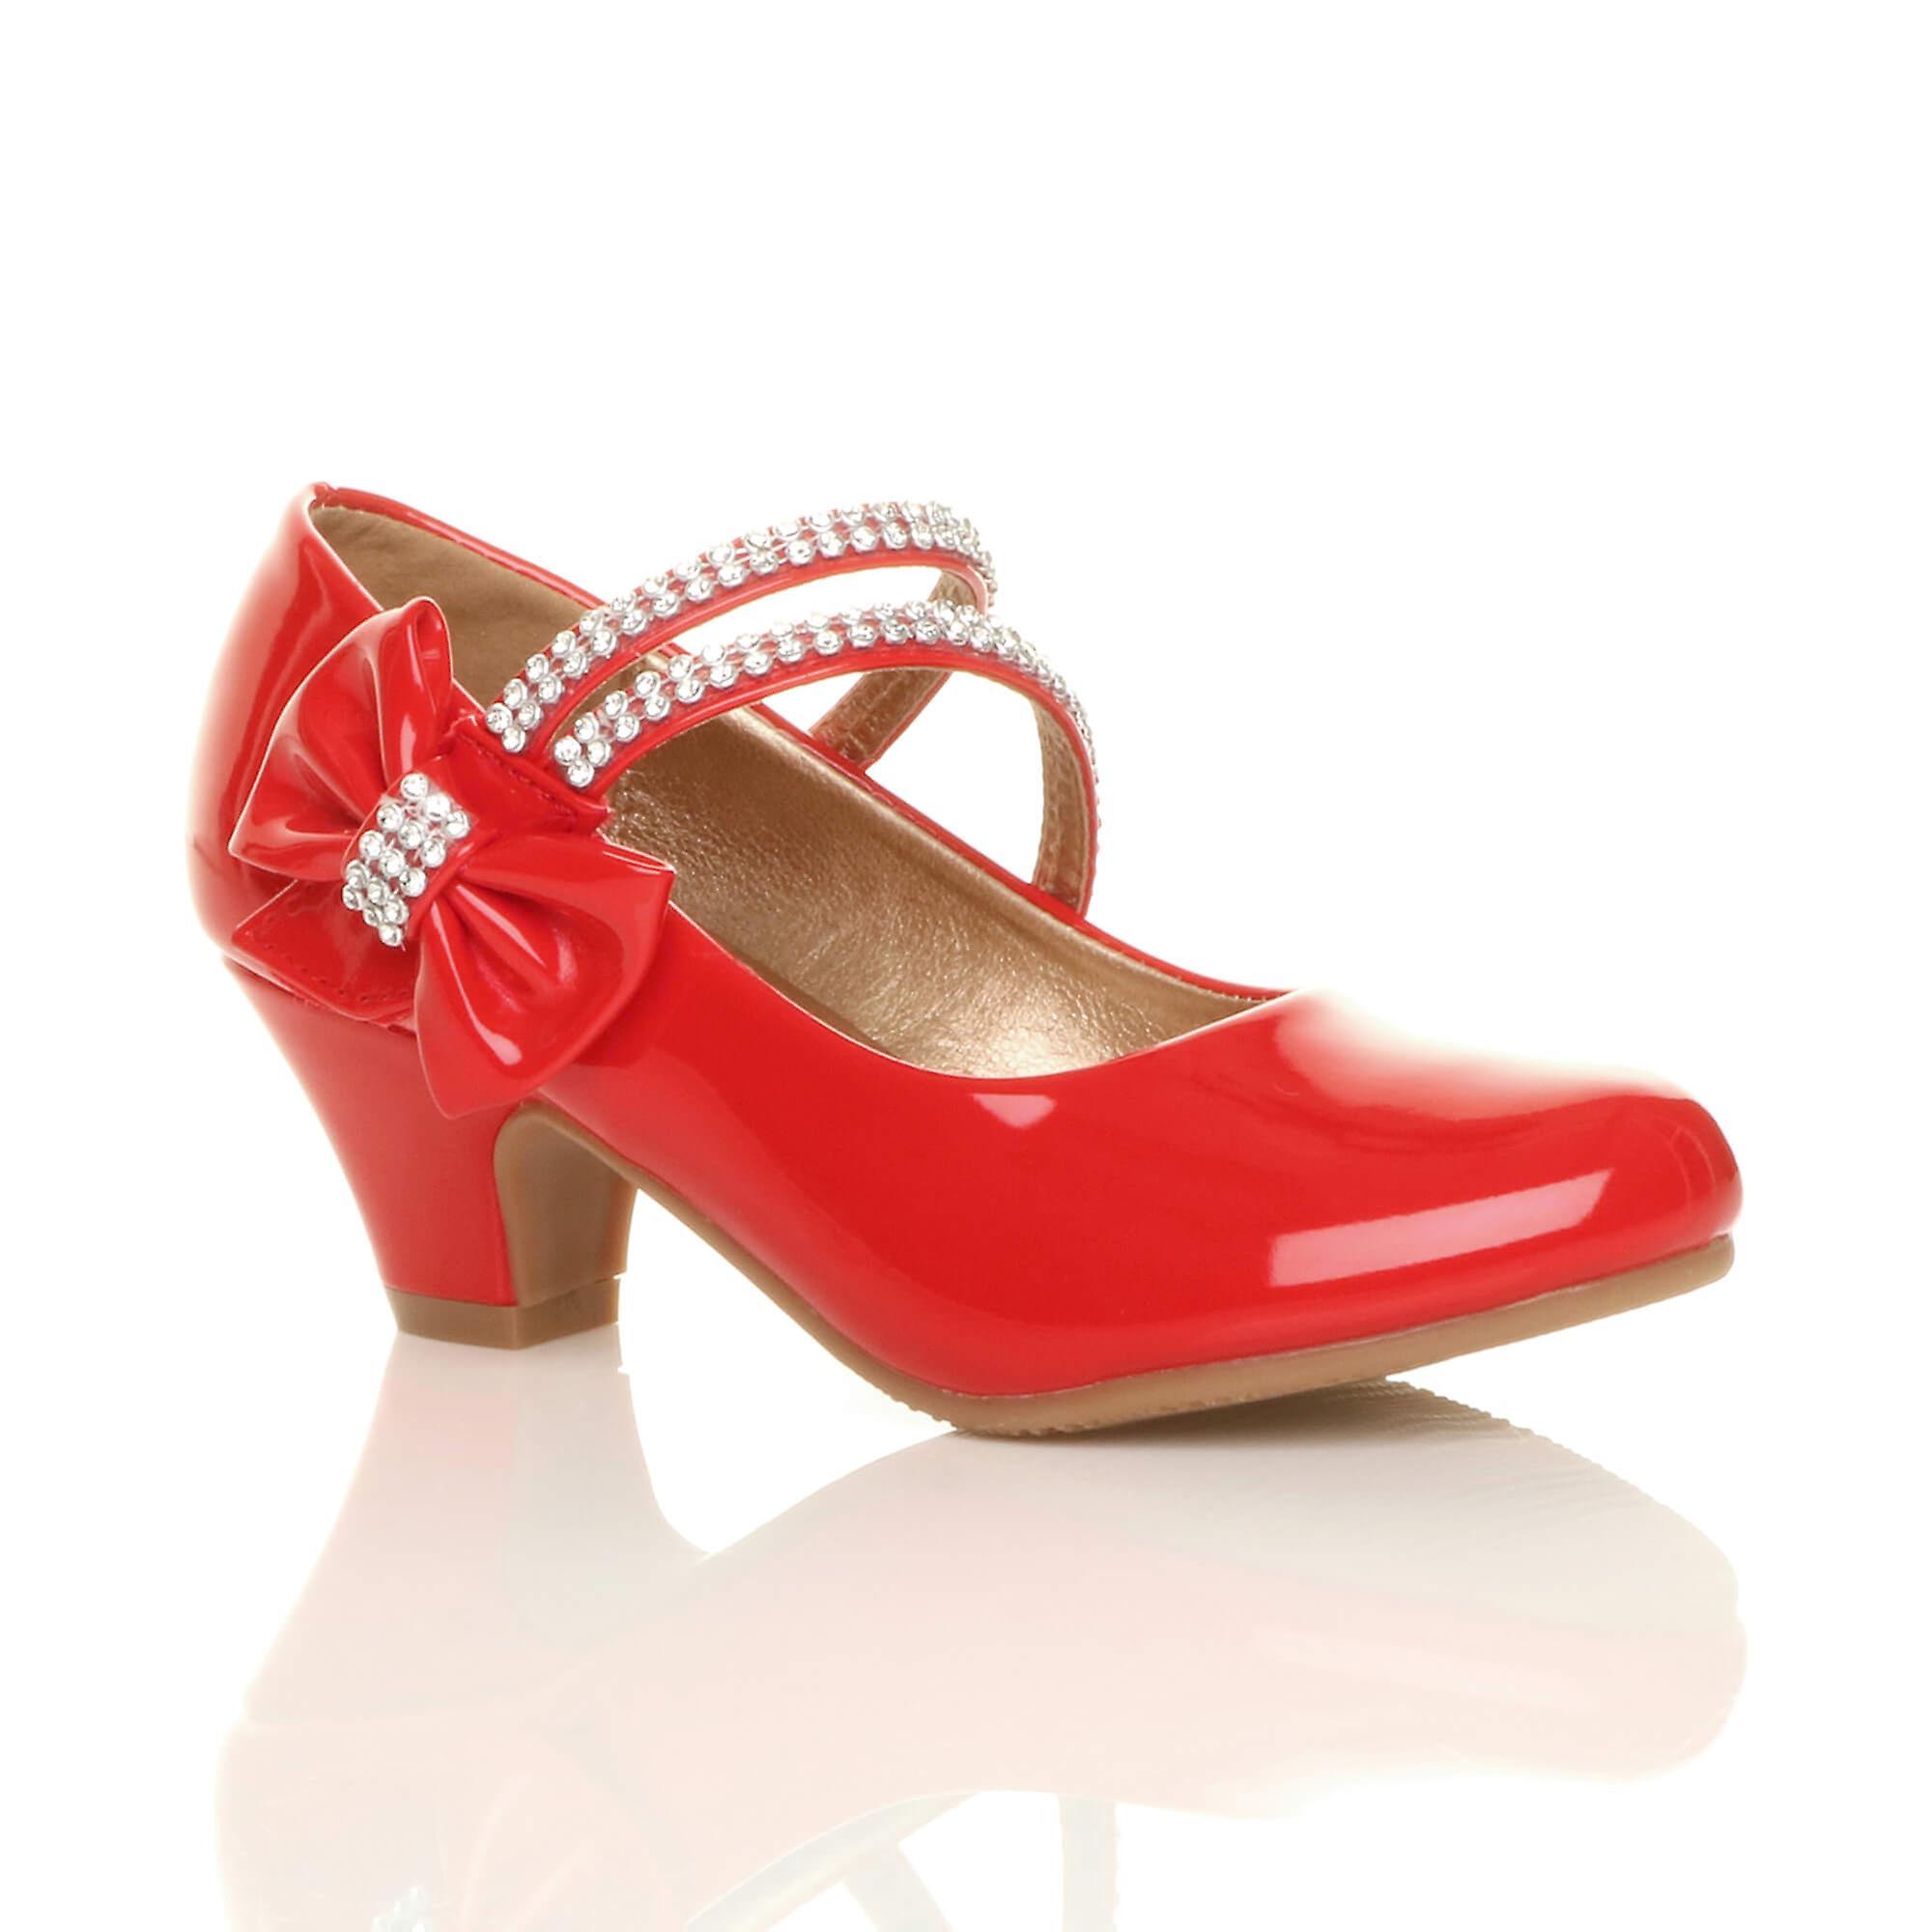 8b7862367650 Ajvani girls low heel party wedding mary jane style hook   loop sandals  school shoes